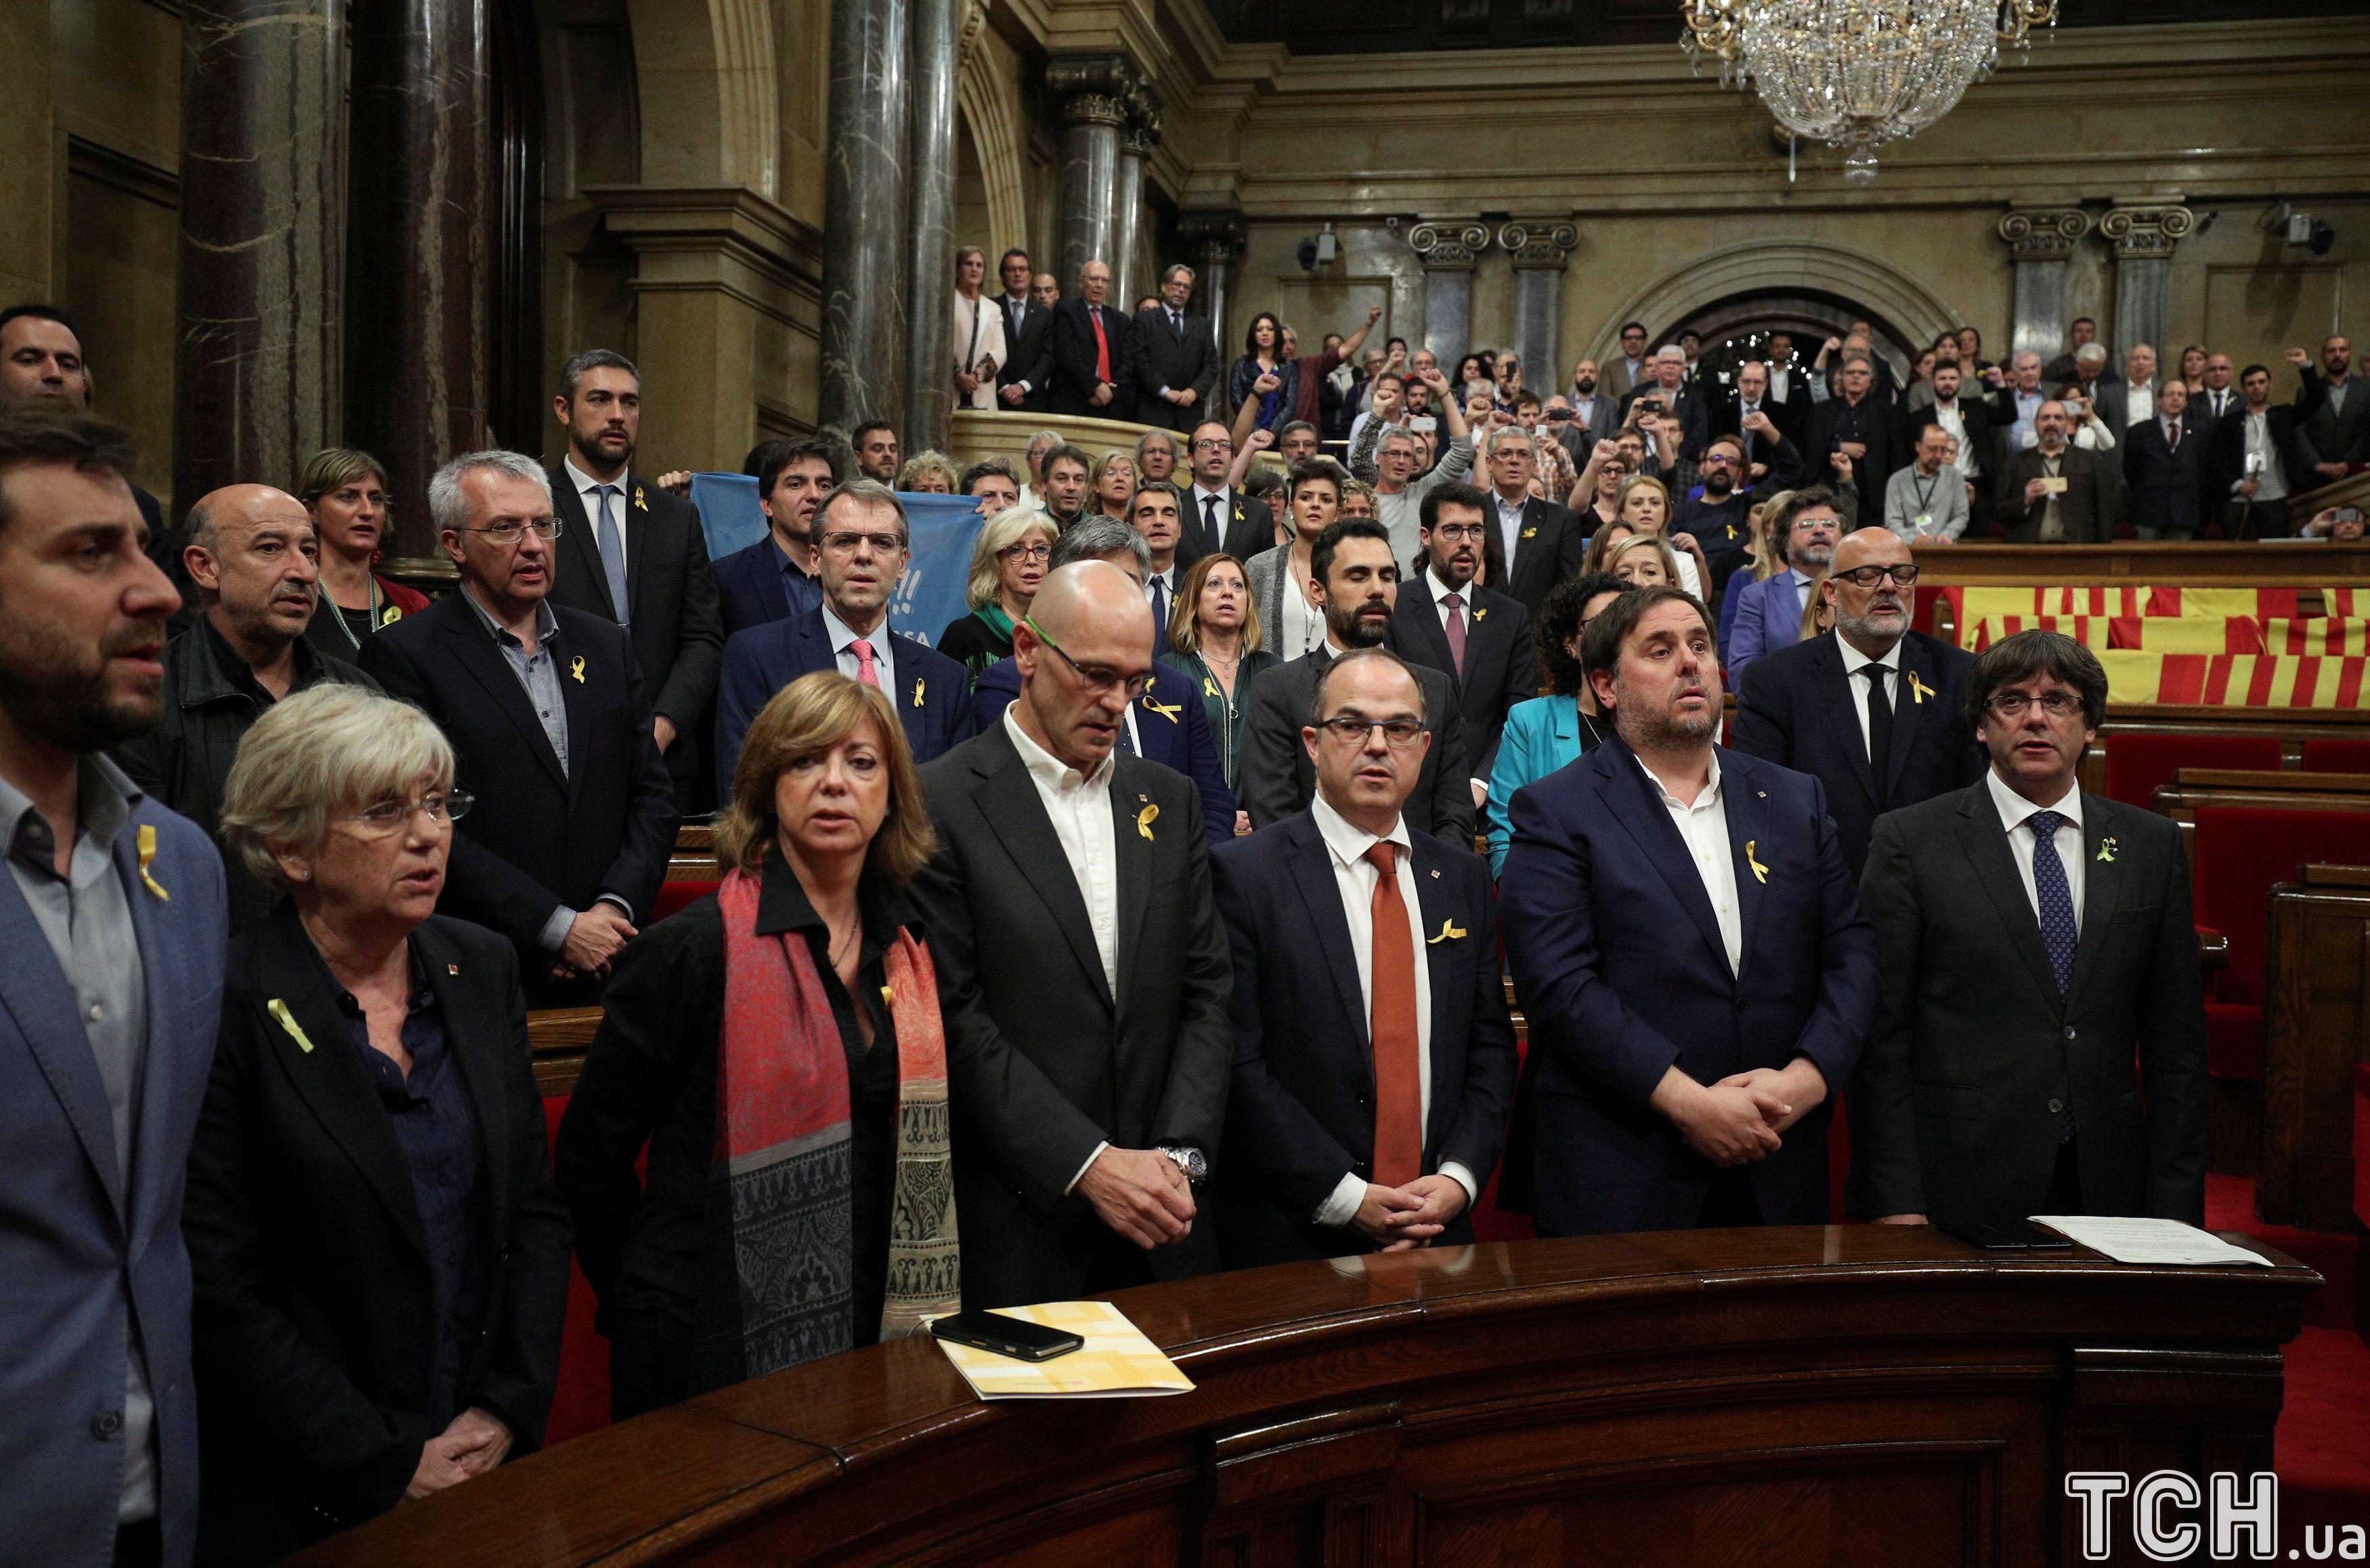 Оголошення незалежності Каталонії регіональним парламентом _10